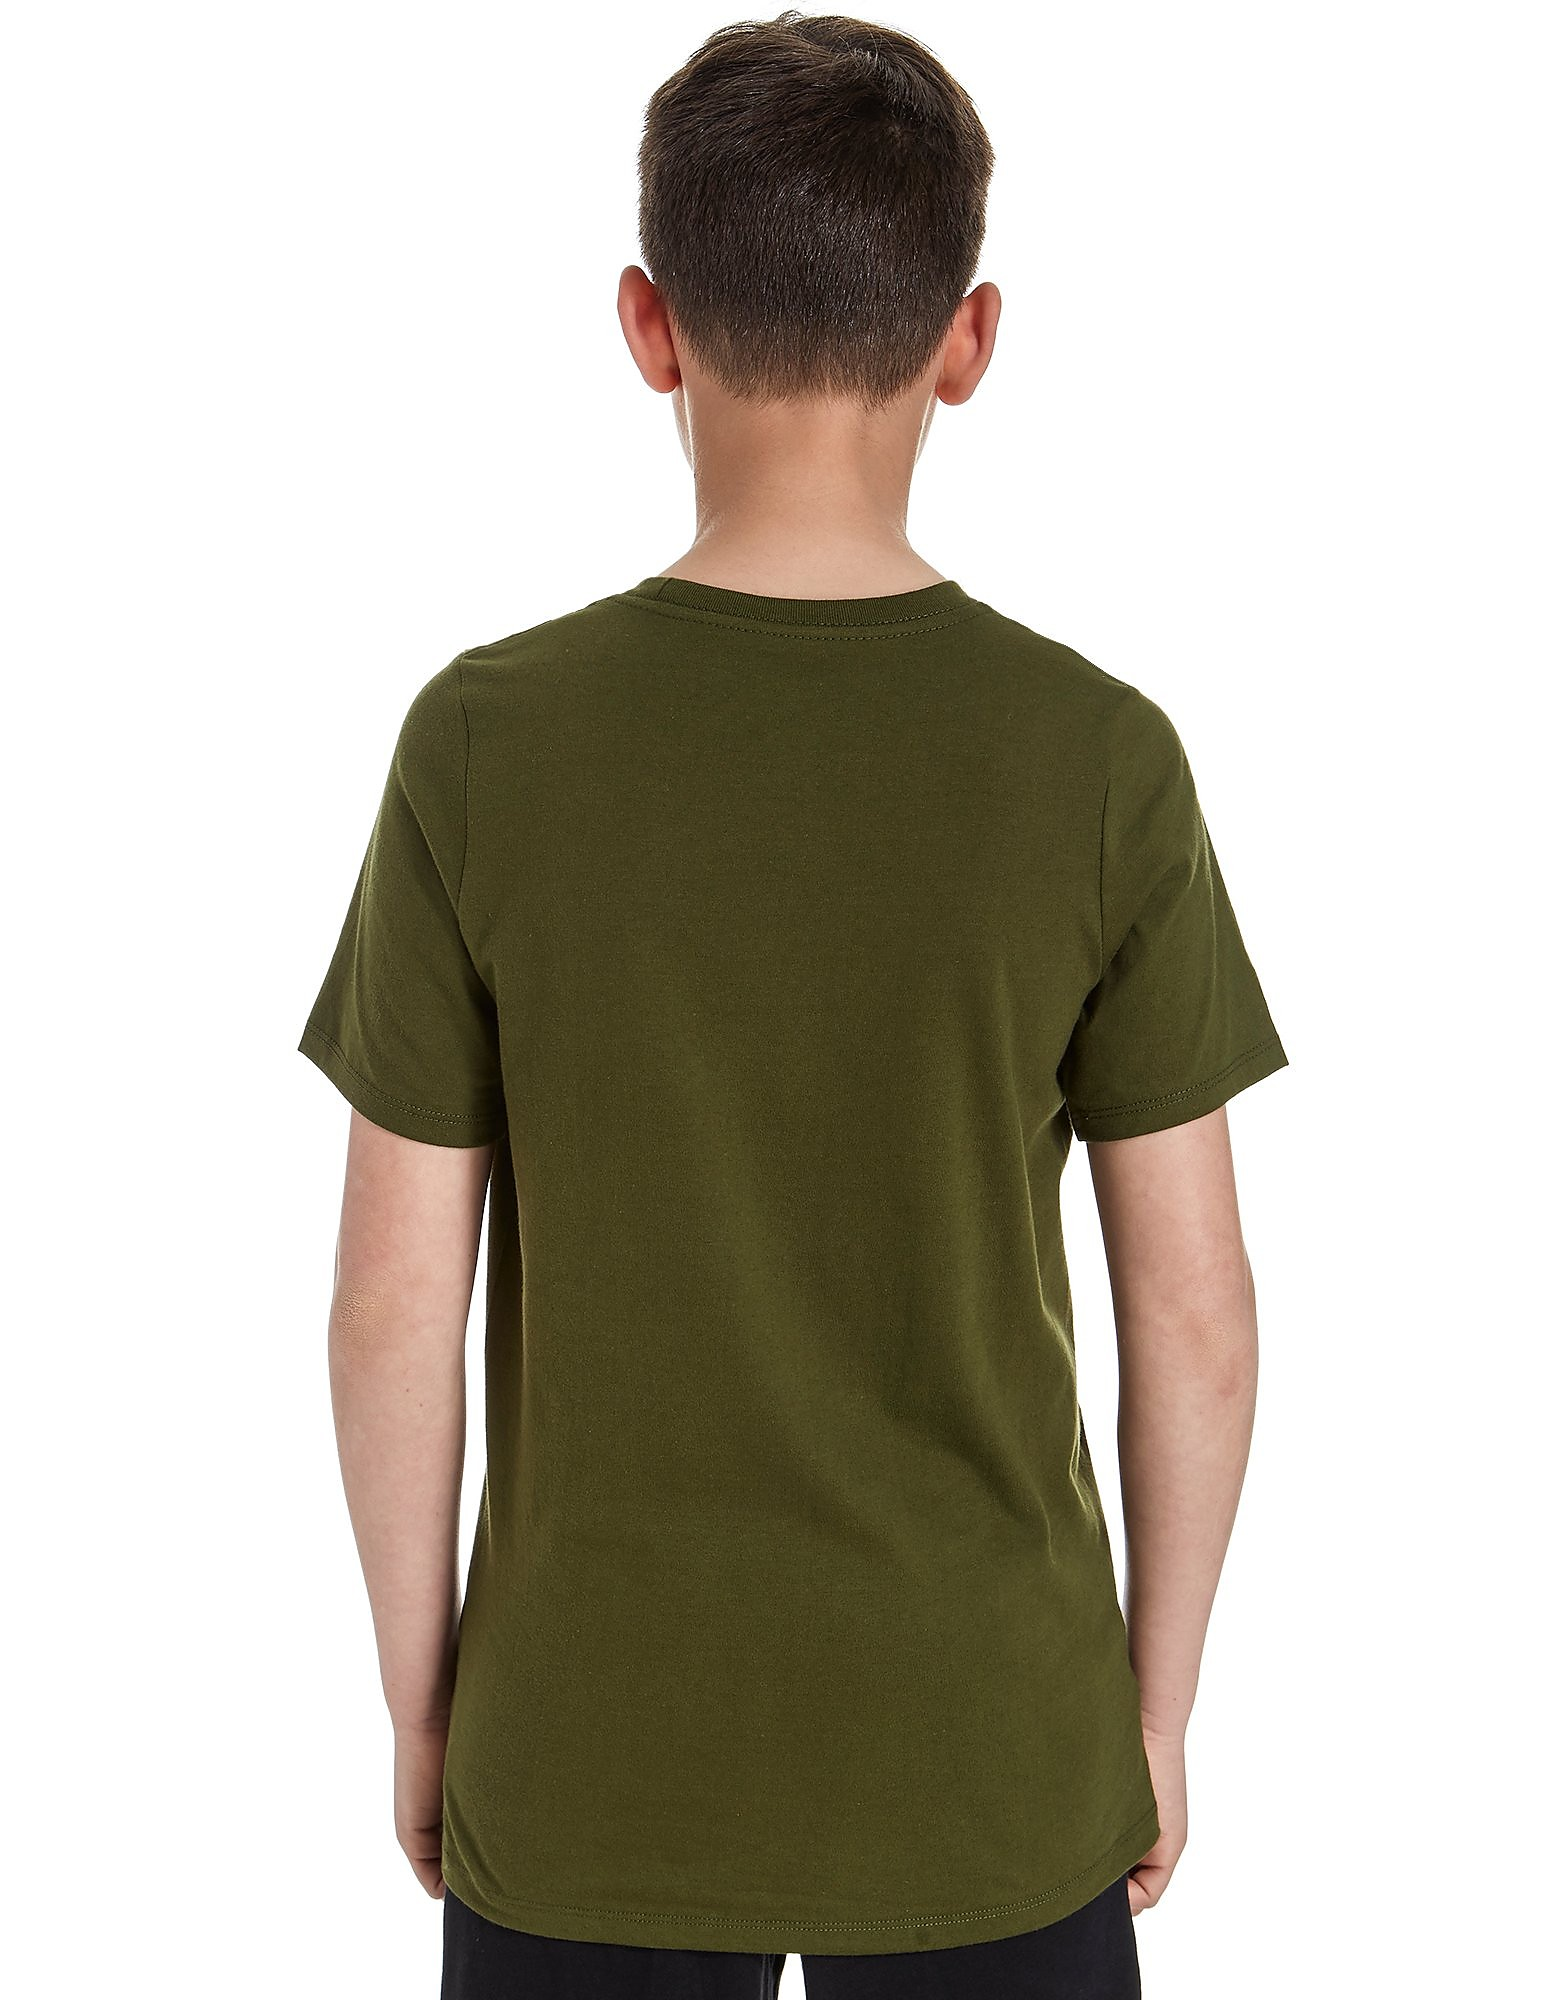 Nike Worldwide T-Shirt voor tieners